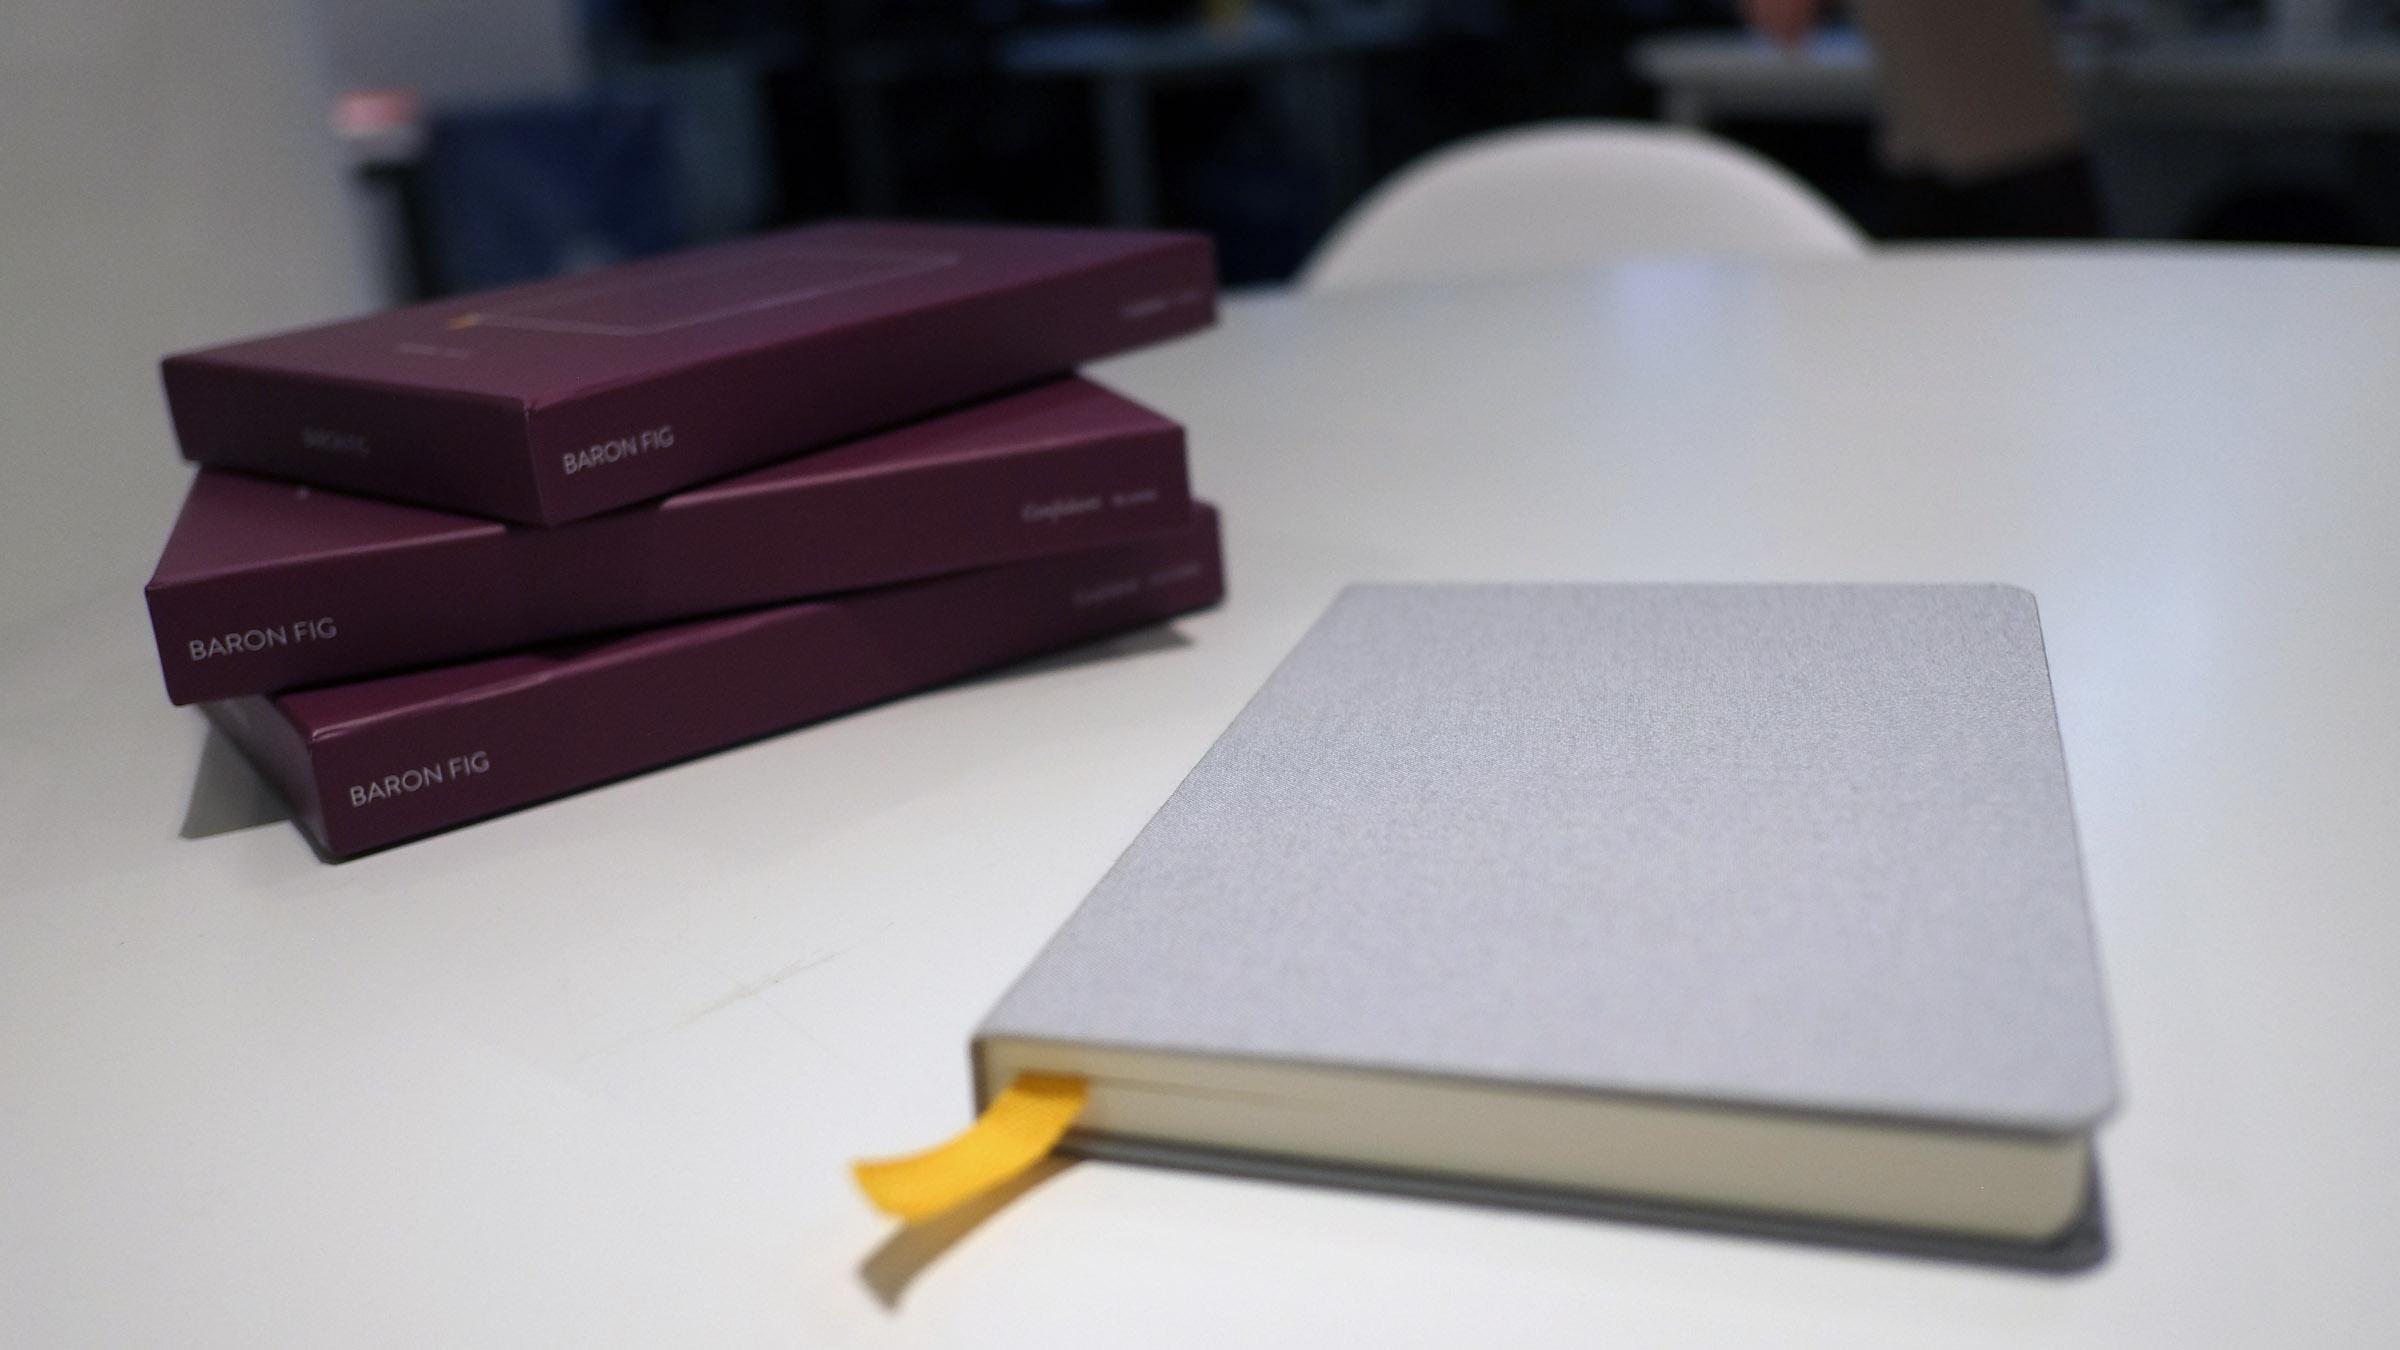 The Baron Fig Confidant 1 notebook